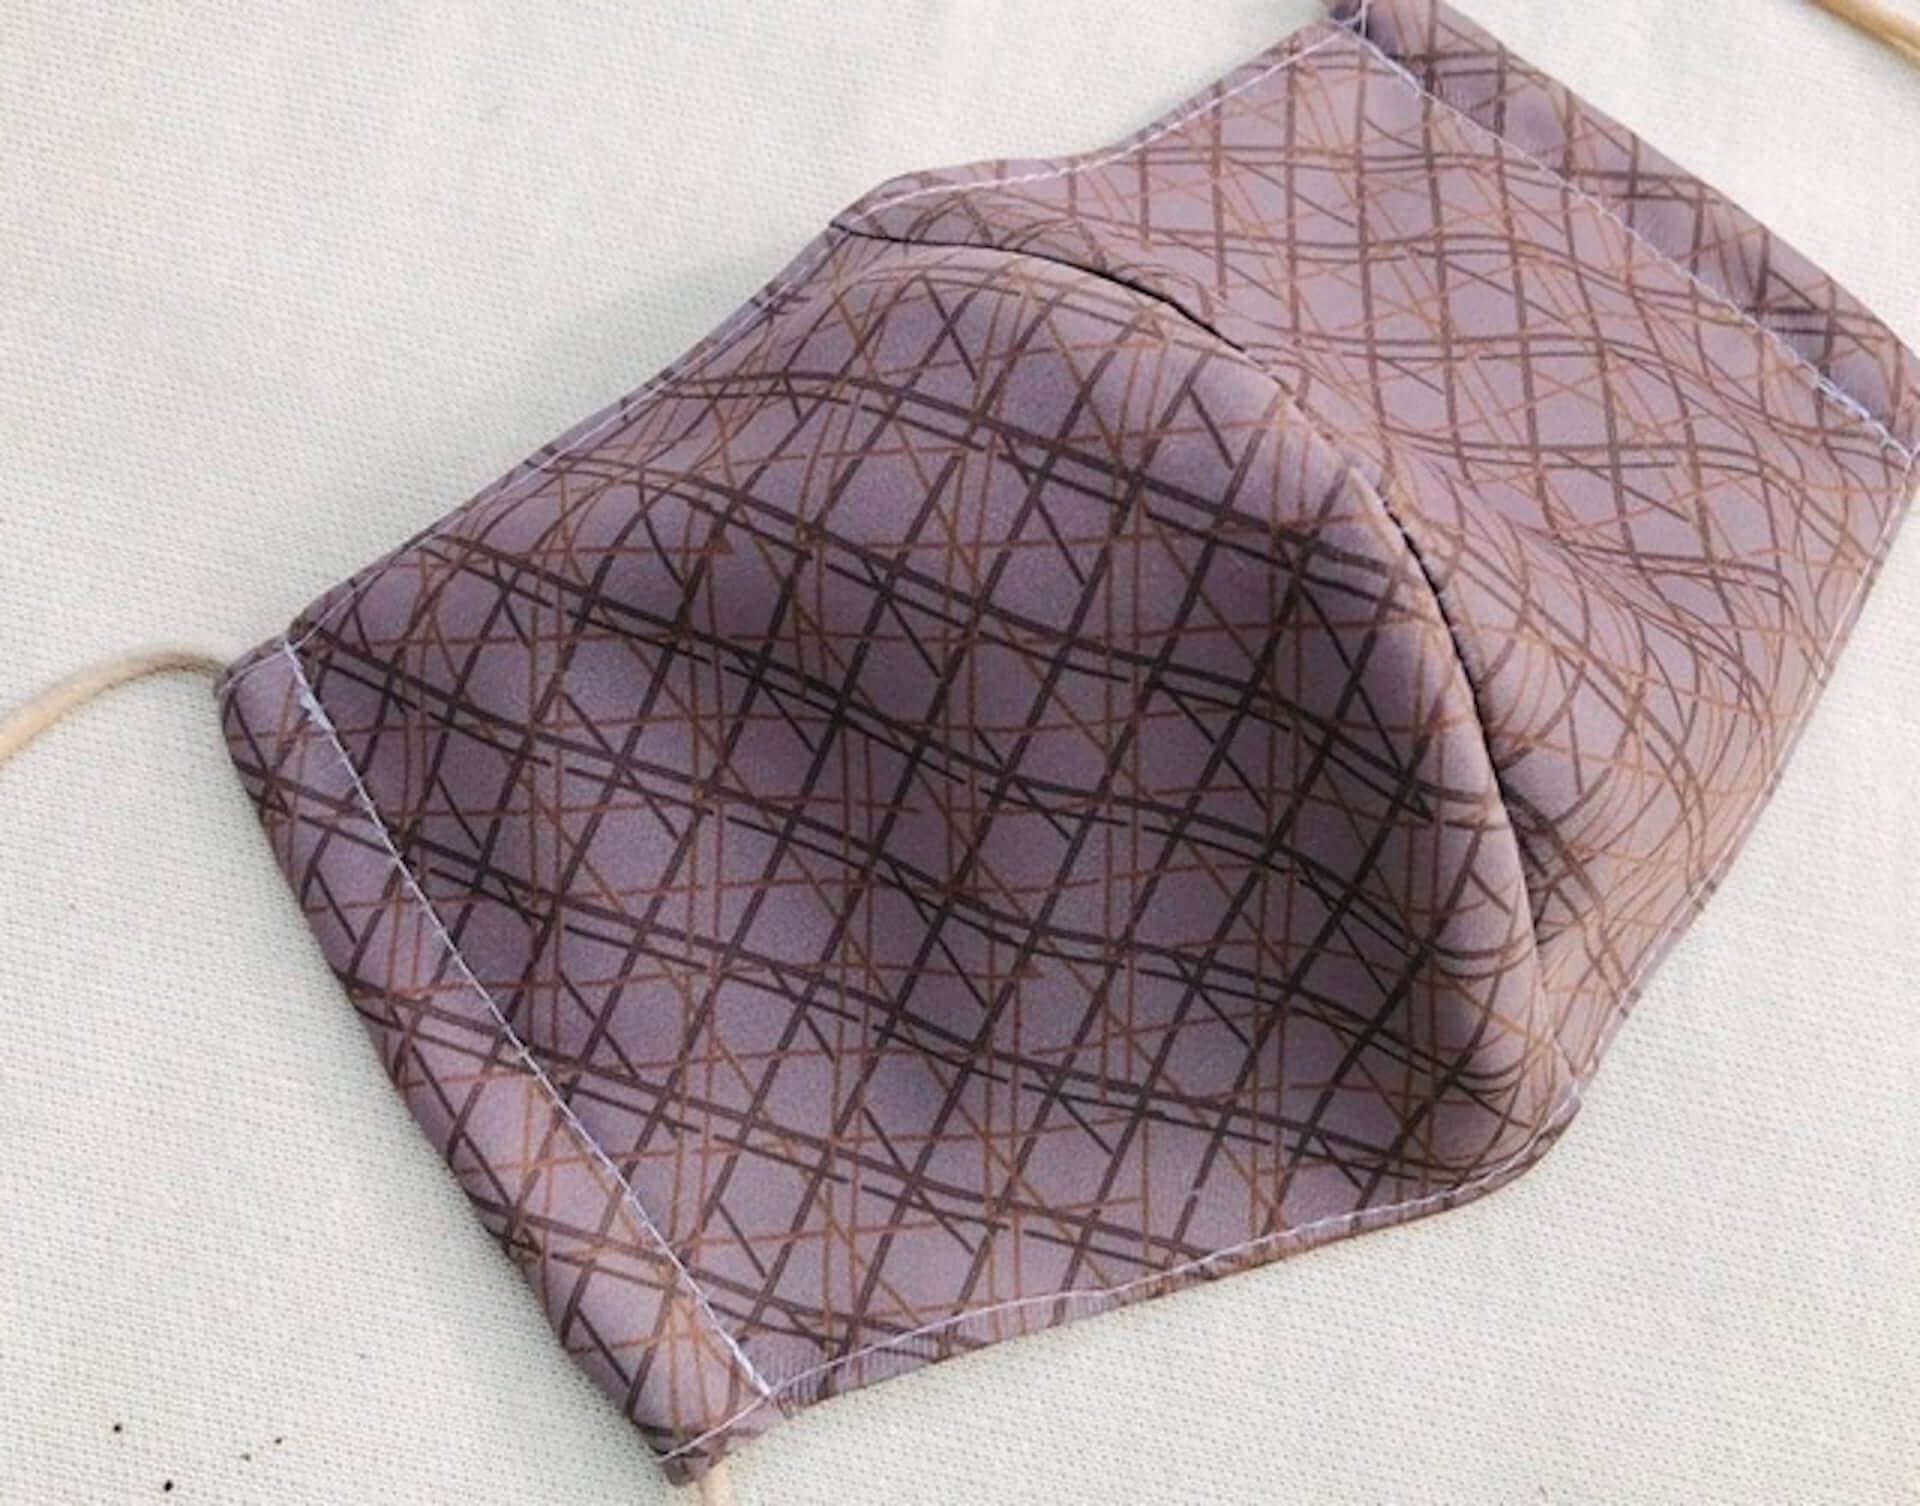 天然竹繊維糸を用いたサスティナブルな布マスク『COOL BAMBOO』がクラウドファンディング「Makuake」にて発売! lf200709_mask_coolbamboo_6-1920x1506